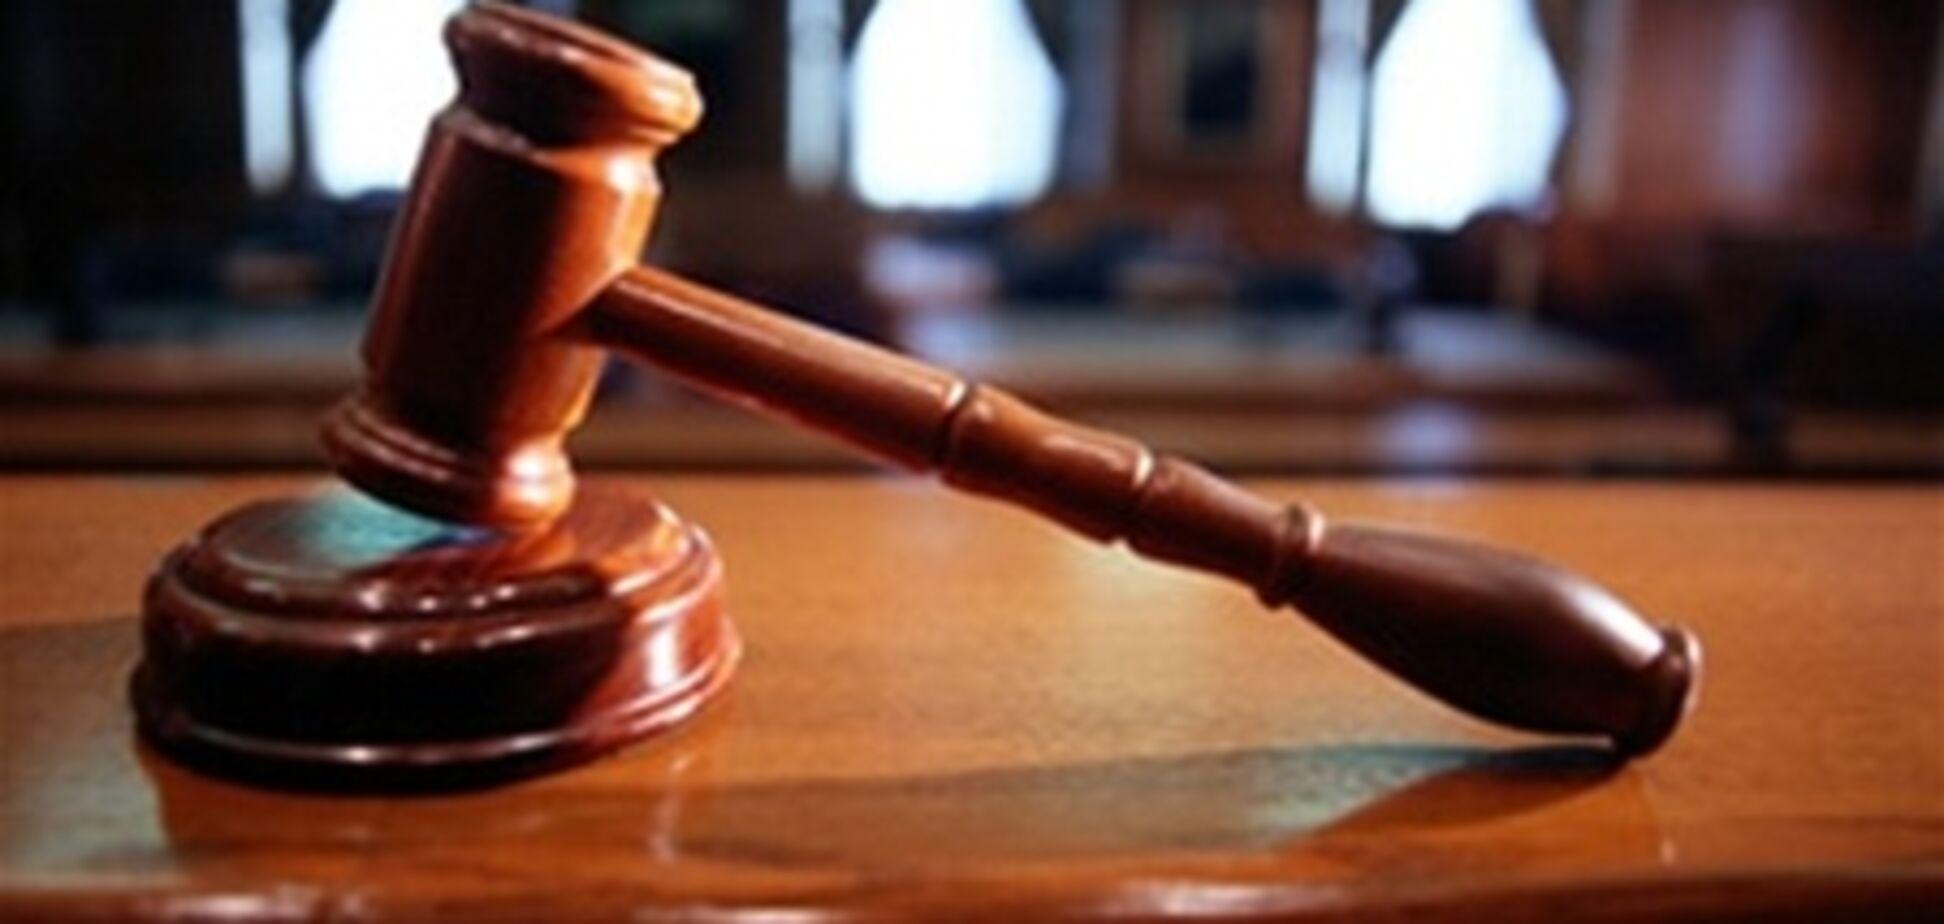 Врача, которая заразила детей ВИЧ-инфекцией, осудили на 5 лет